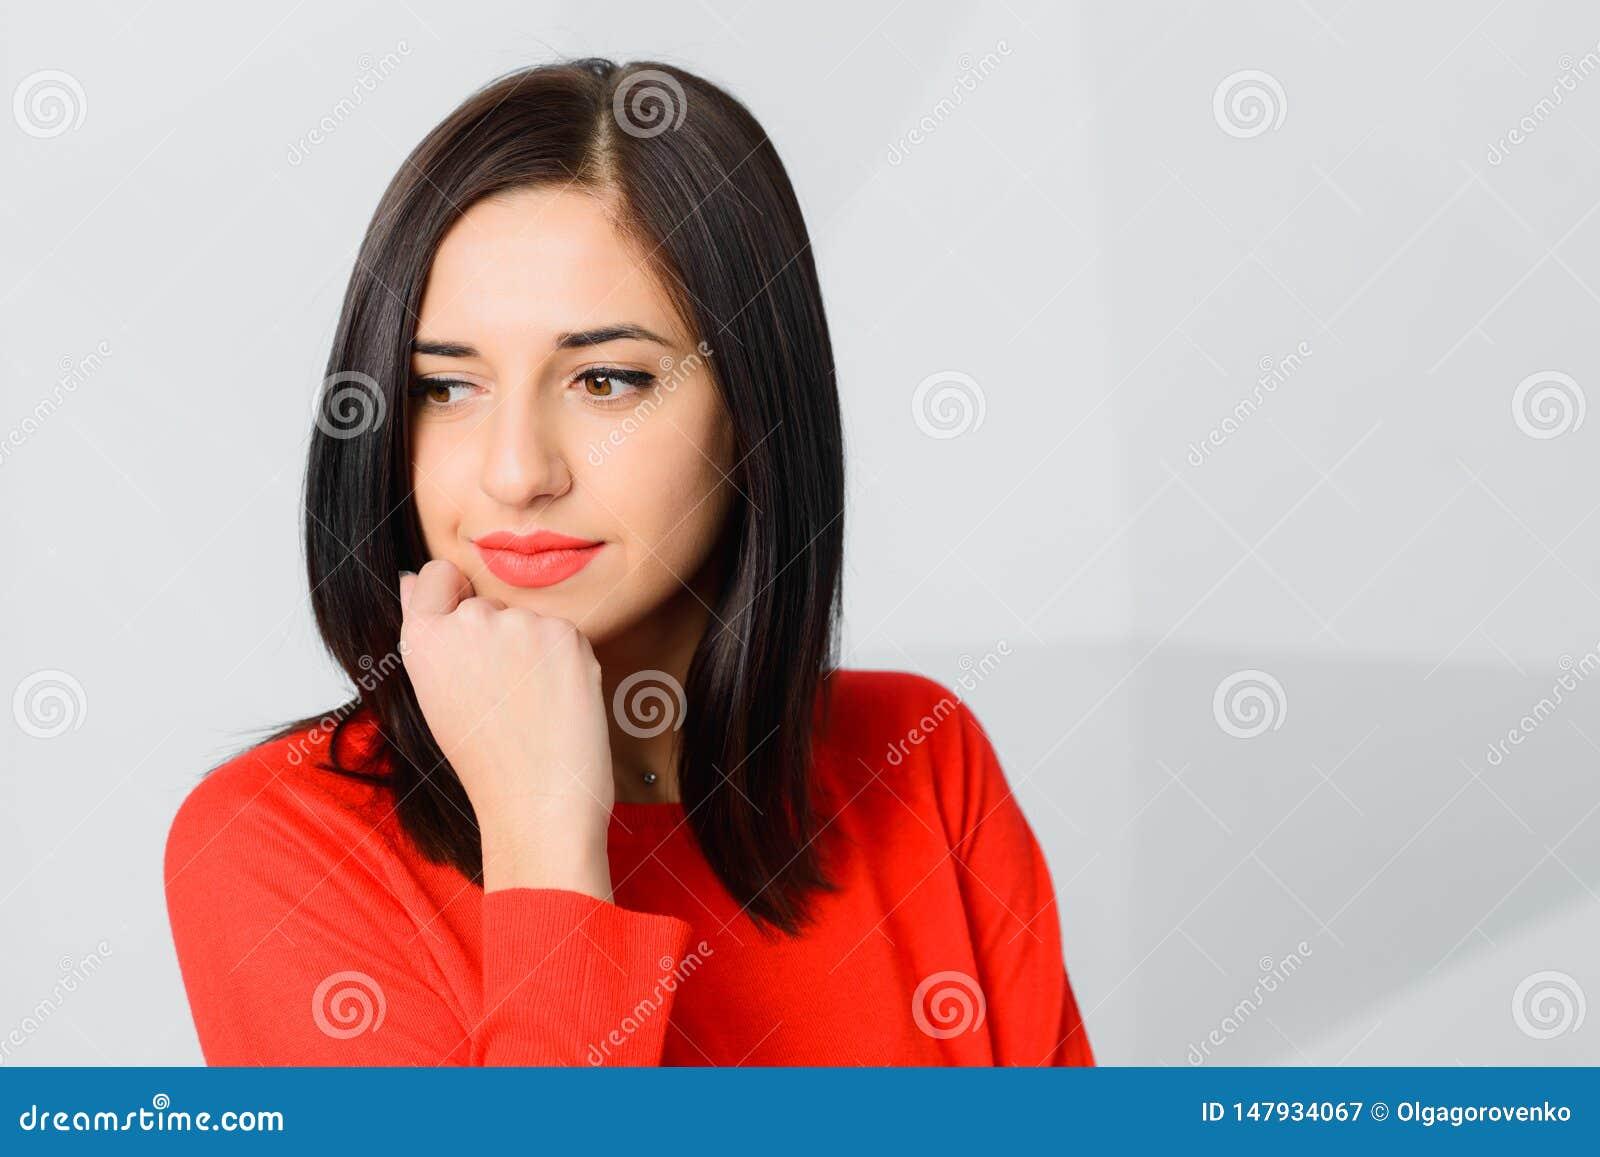 Vermelho vestindo da jovem mulher smily pensativa moreno